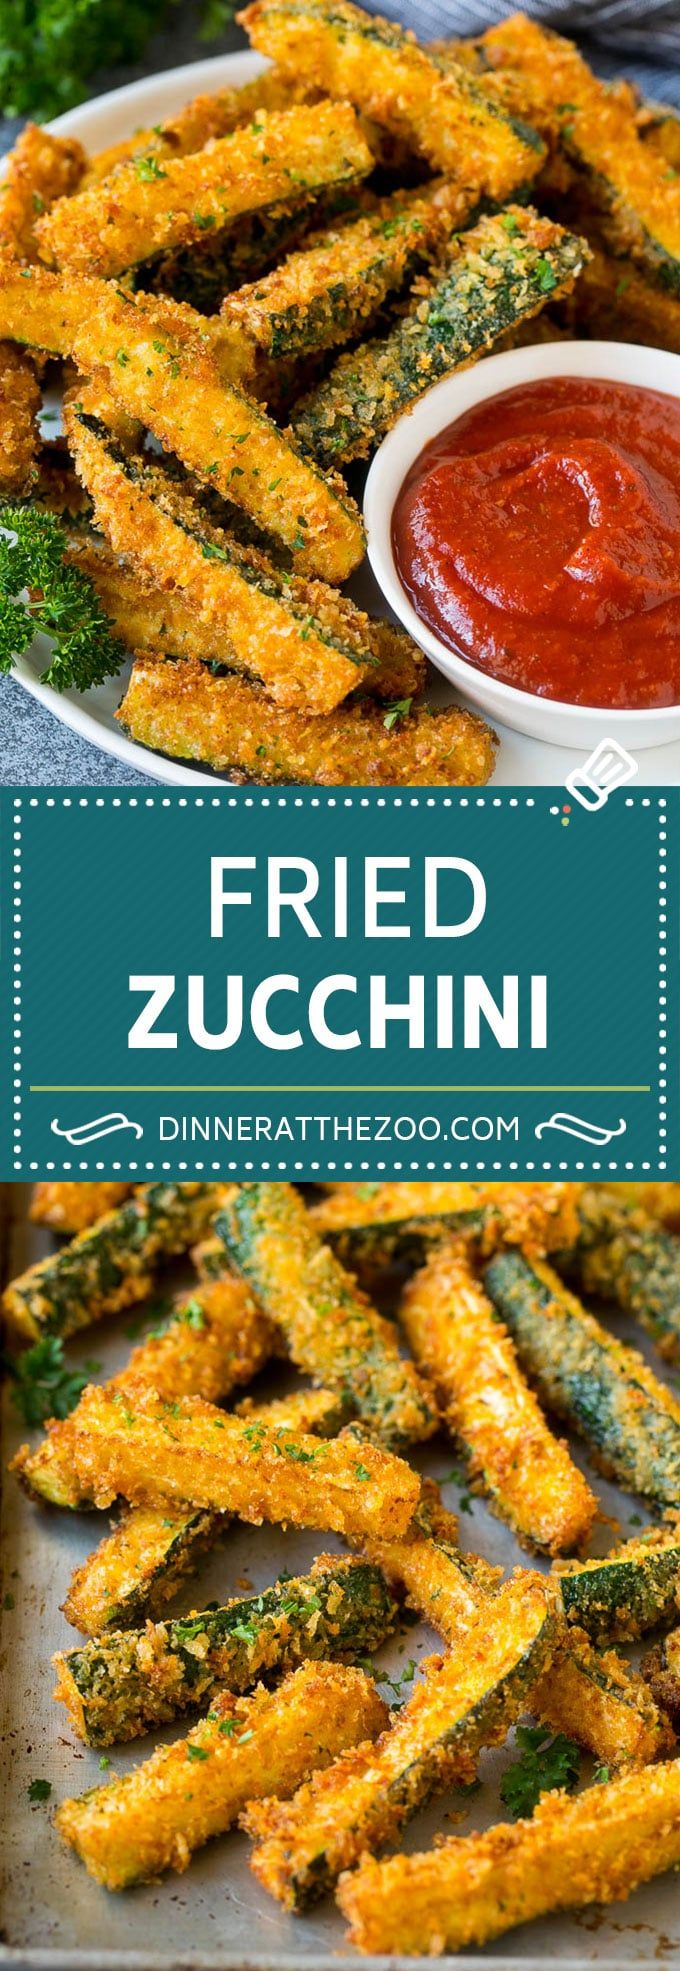 Fried Zucchini Recipe  Zucchini Fries  Zucchini Recipe